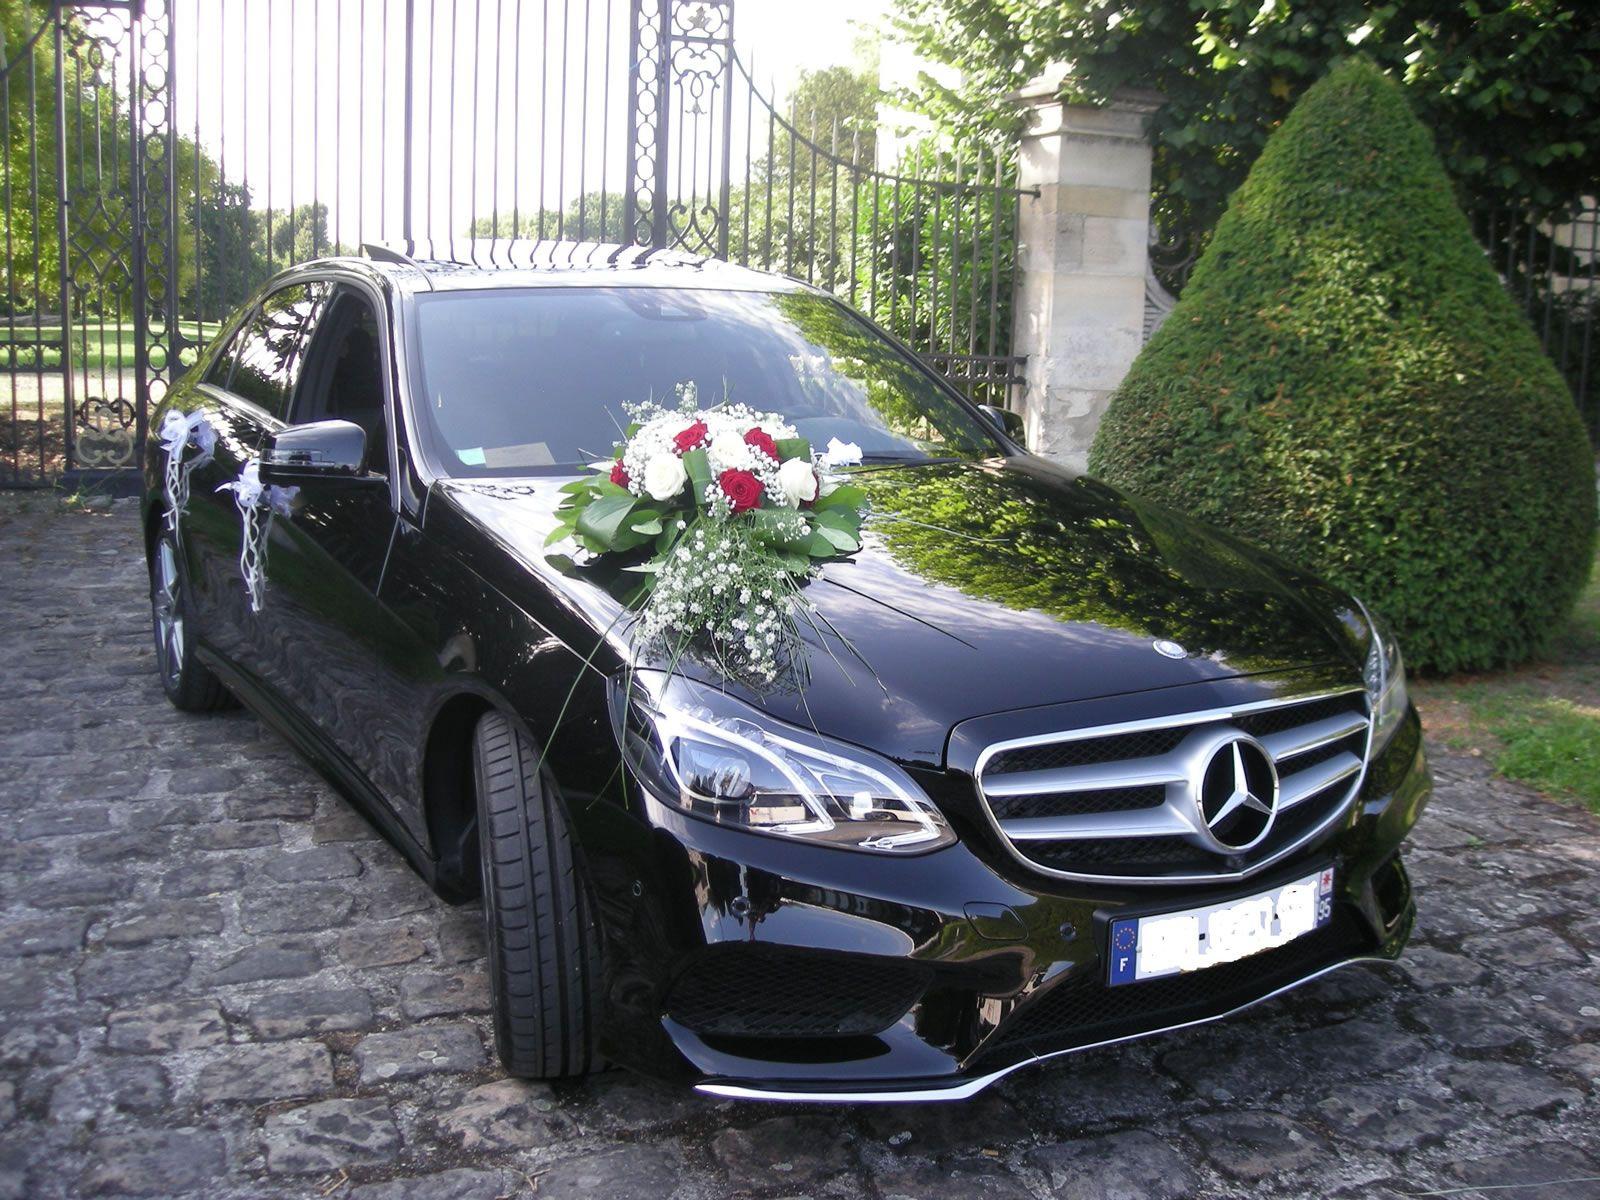 Location de mercedes classe e avec chauffeur pour mariage a lyon 1